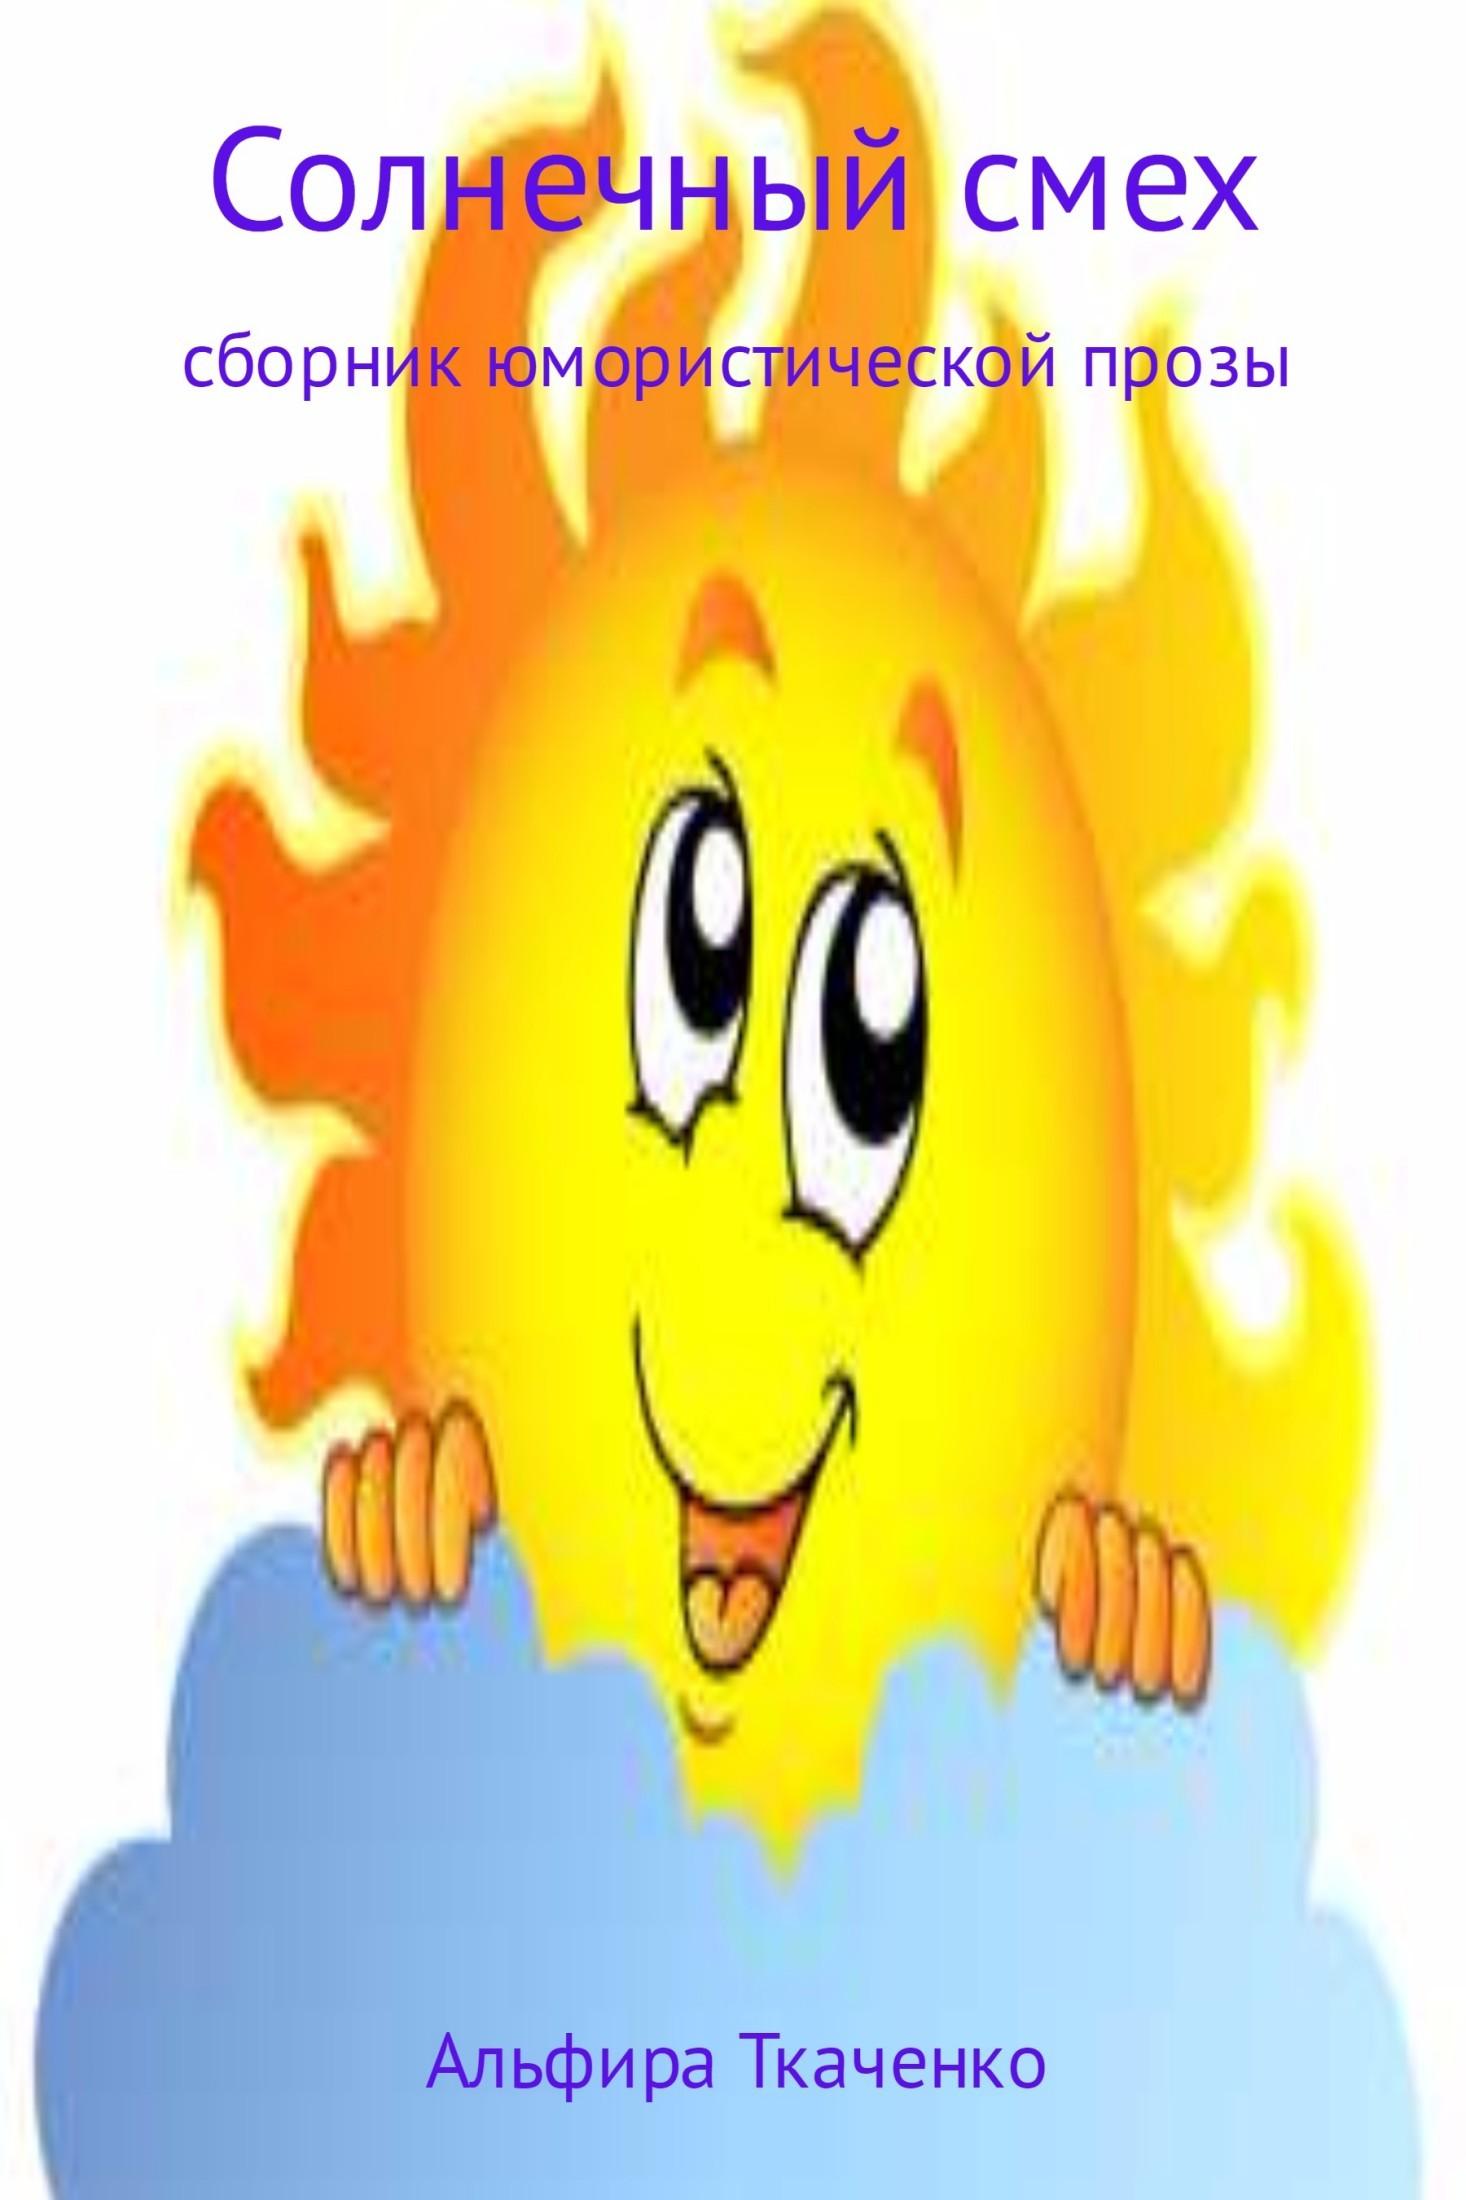 Альфира Федоровна Ткаченко Солнечный смех. Сборник альфира федоровна ткаченко истории жизни проза сборник